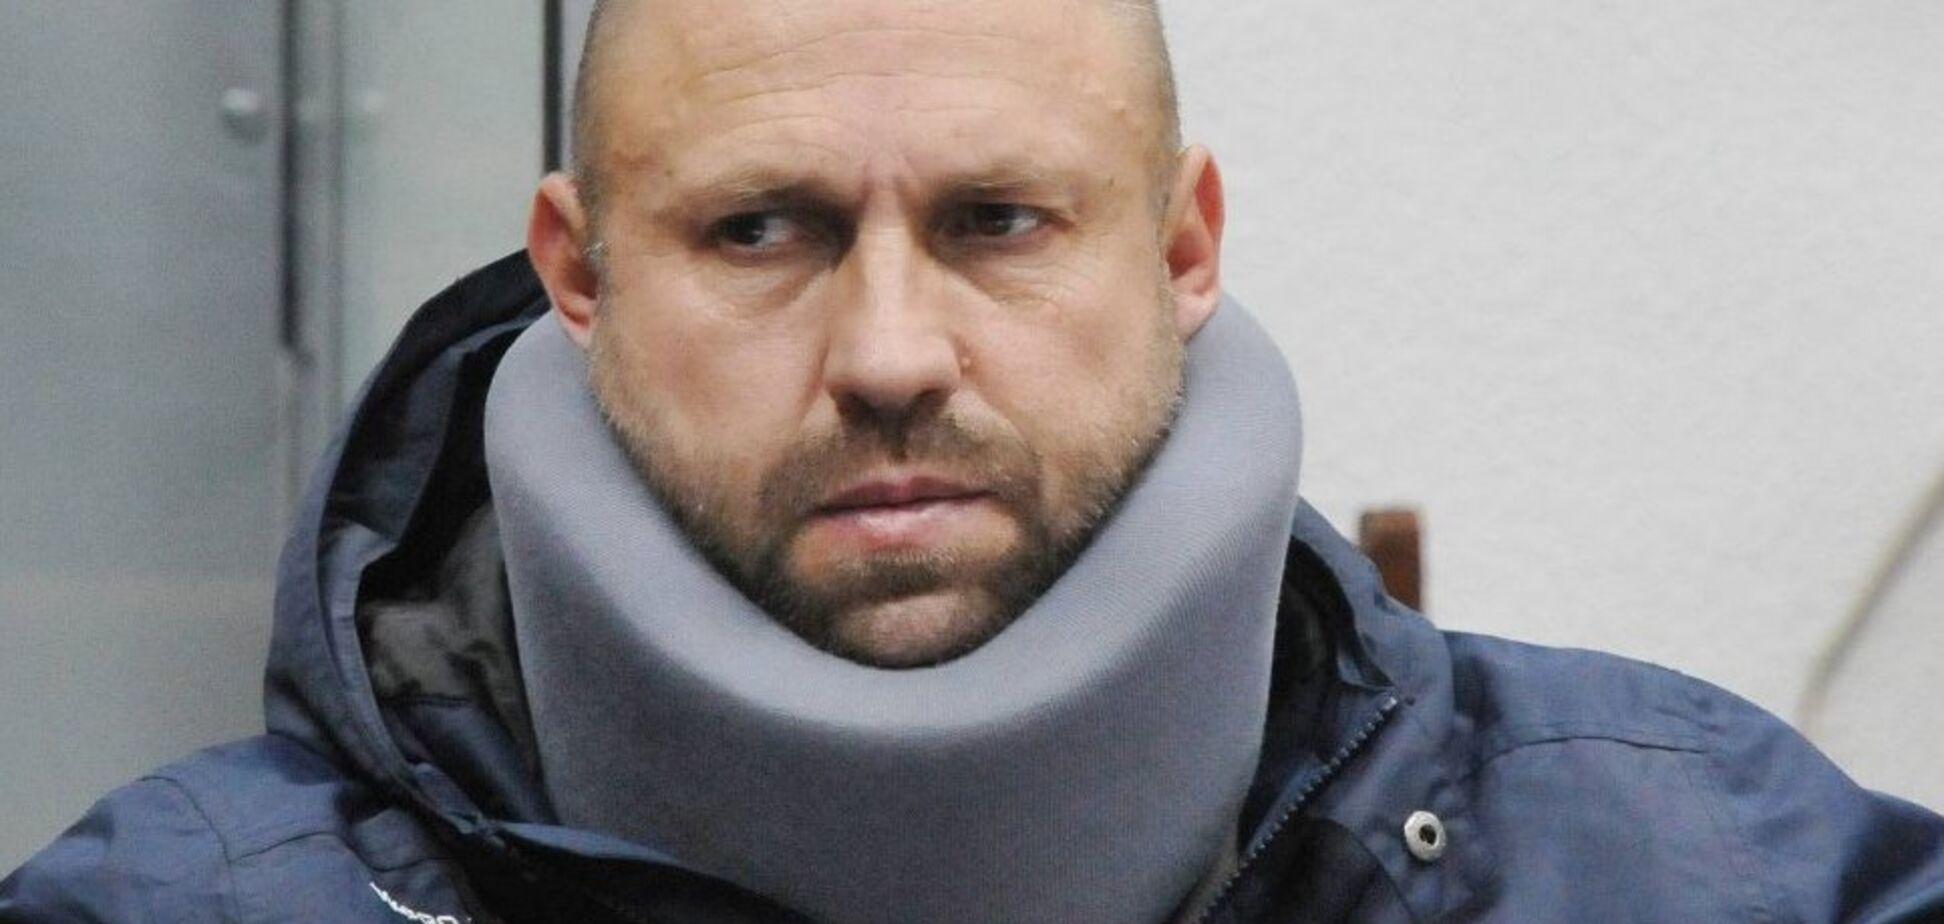 ДТП на Сумській: рішення суду шокувало другого фігуранта справи